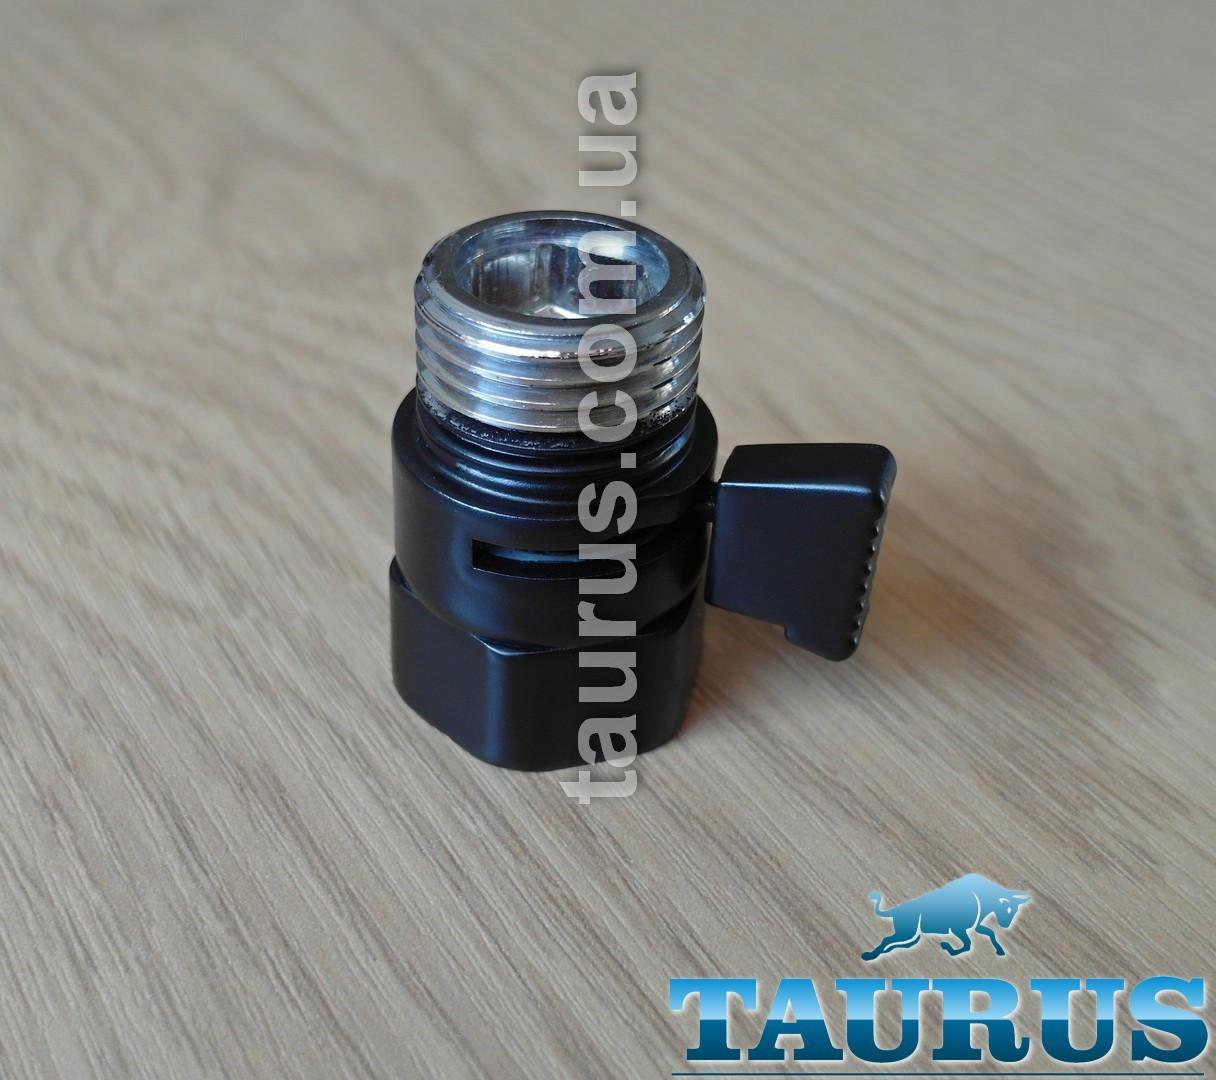 """Чёрный компактный Micro кран Eco Black (Польша, 1/2"""") для скрытого подключения полотенцесушителей"""